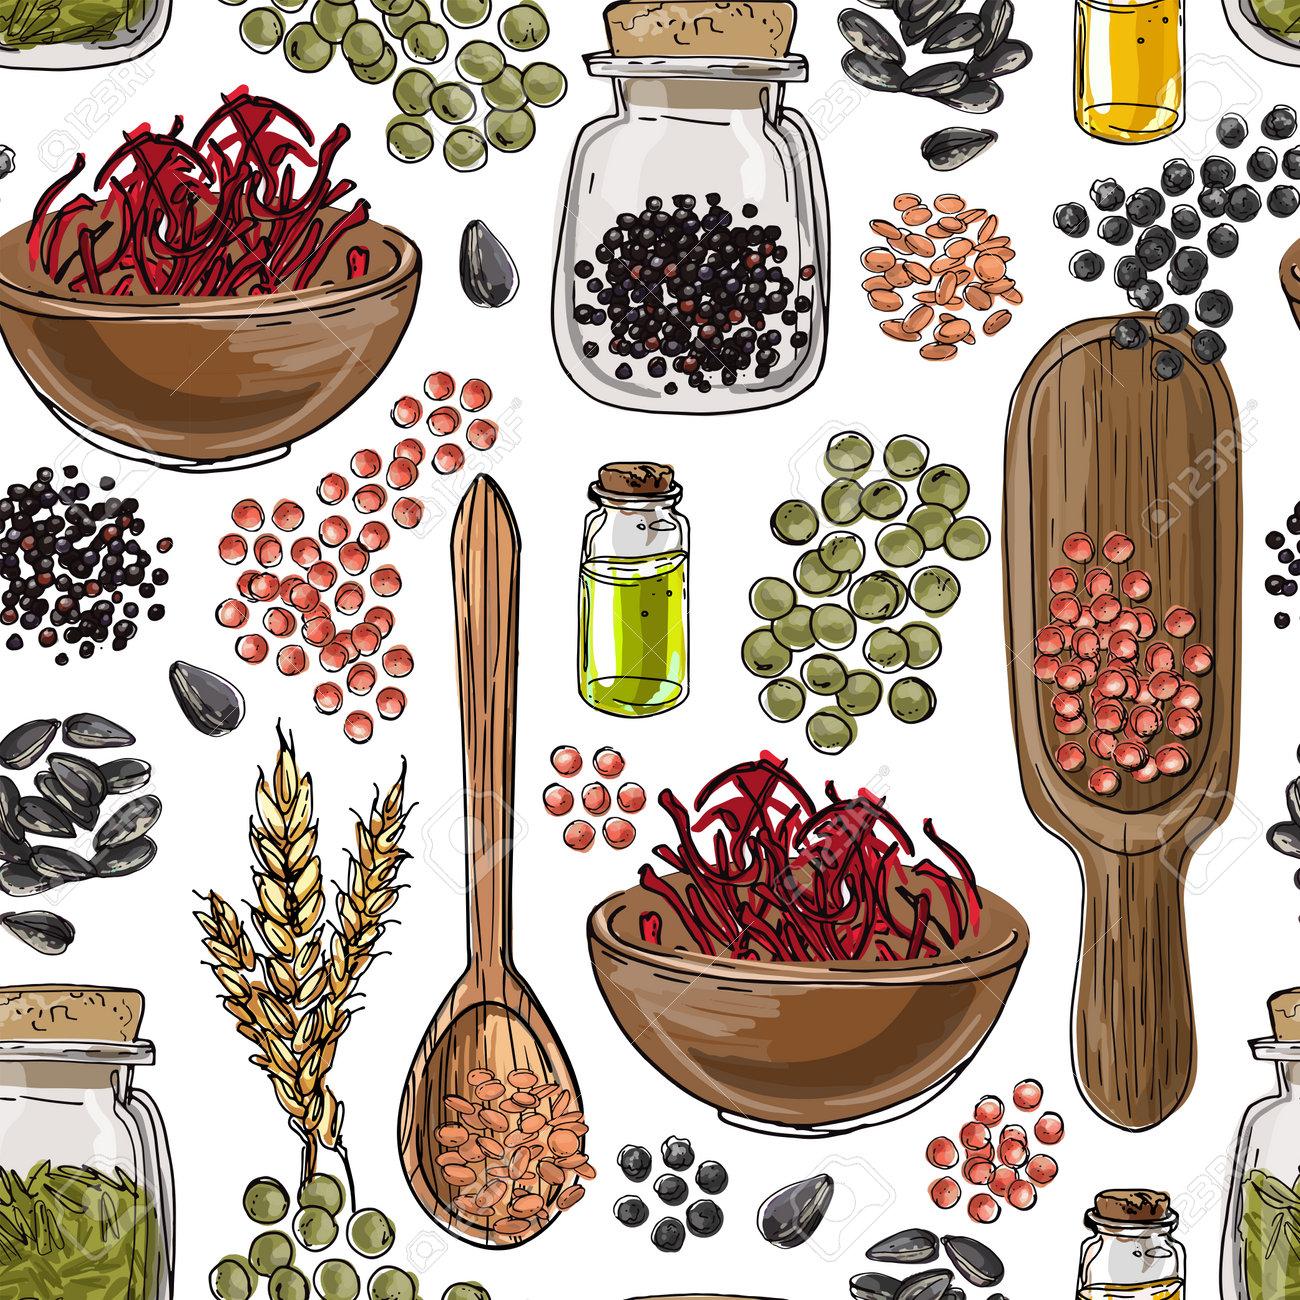 Vector pattern Nuts. Colored sketch of food. Farm peanuts, walnuts, cashews, almonds, hazelnuts - 173006172